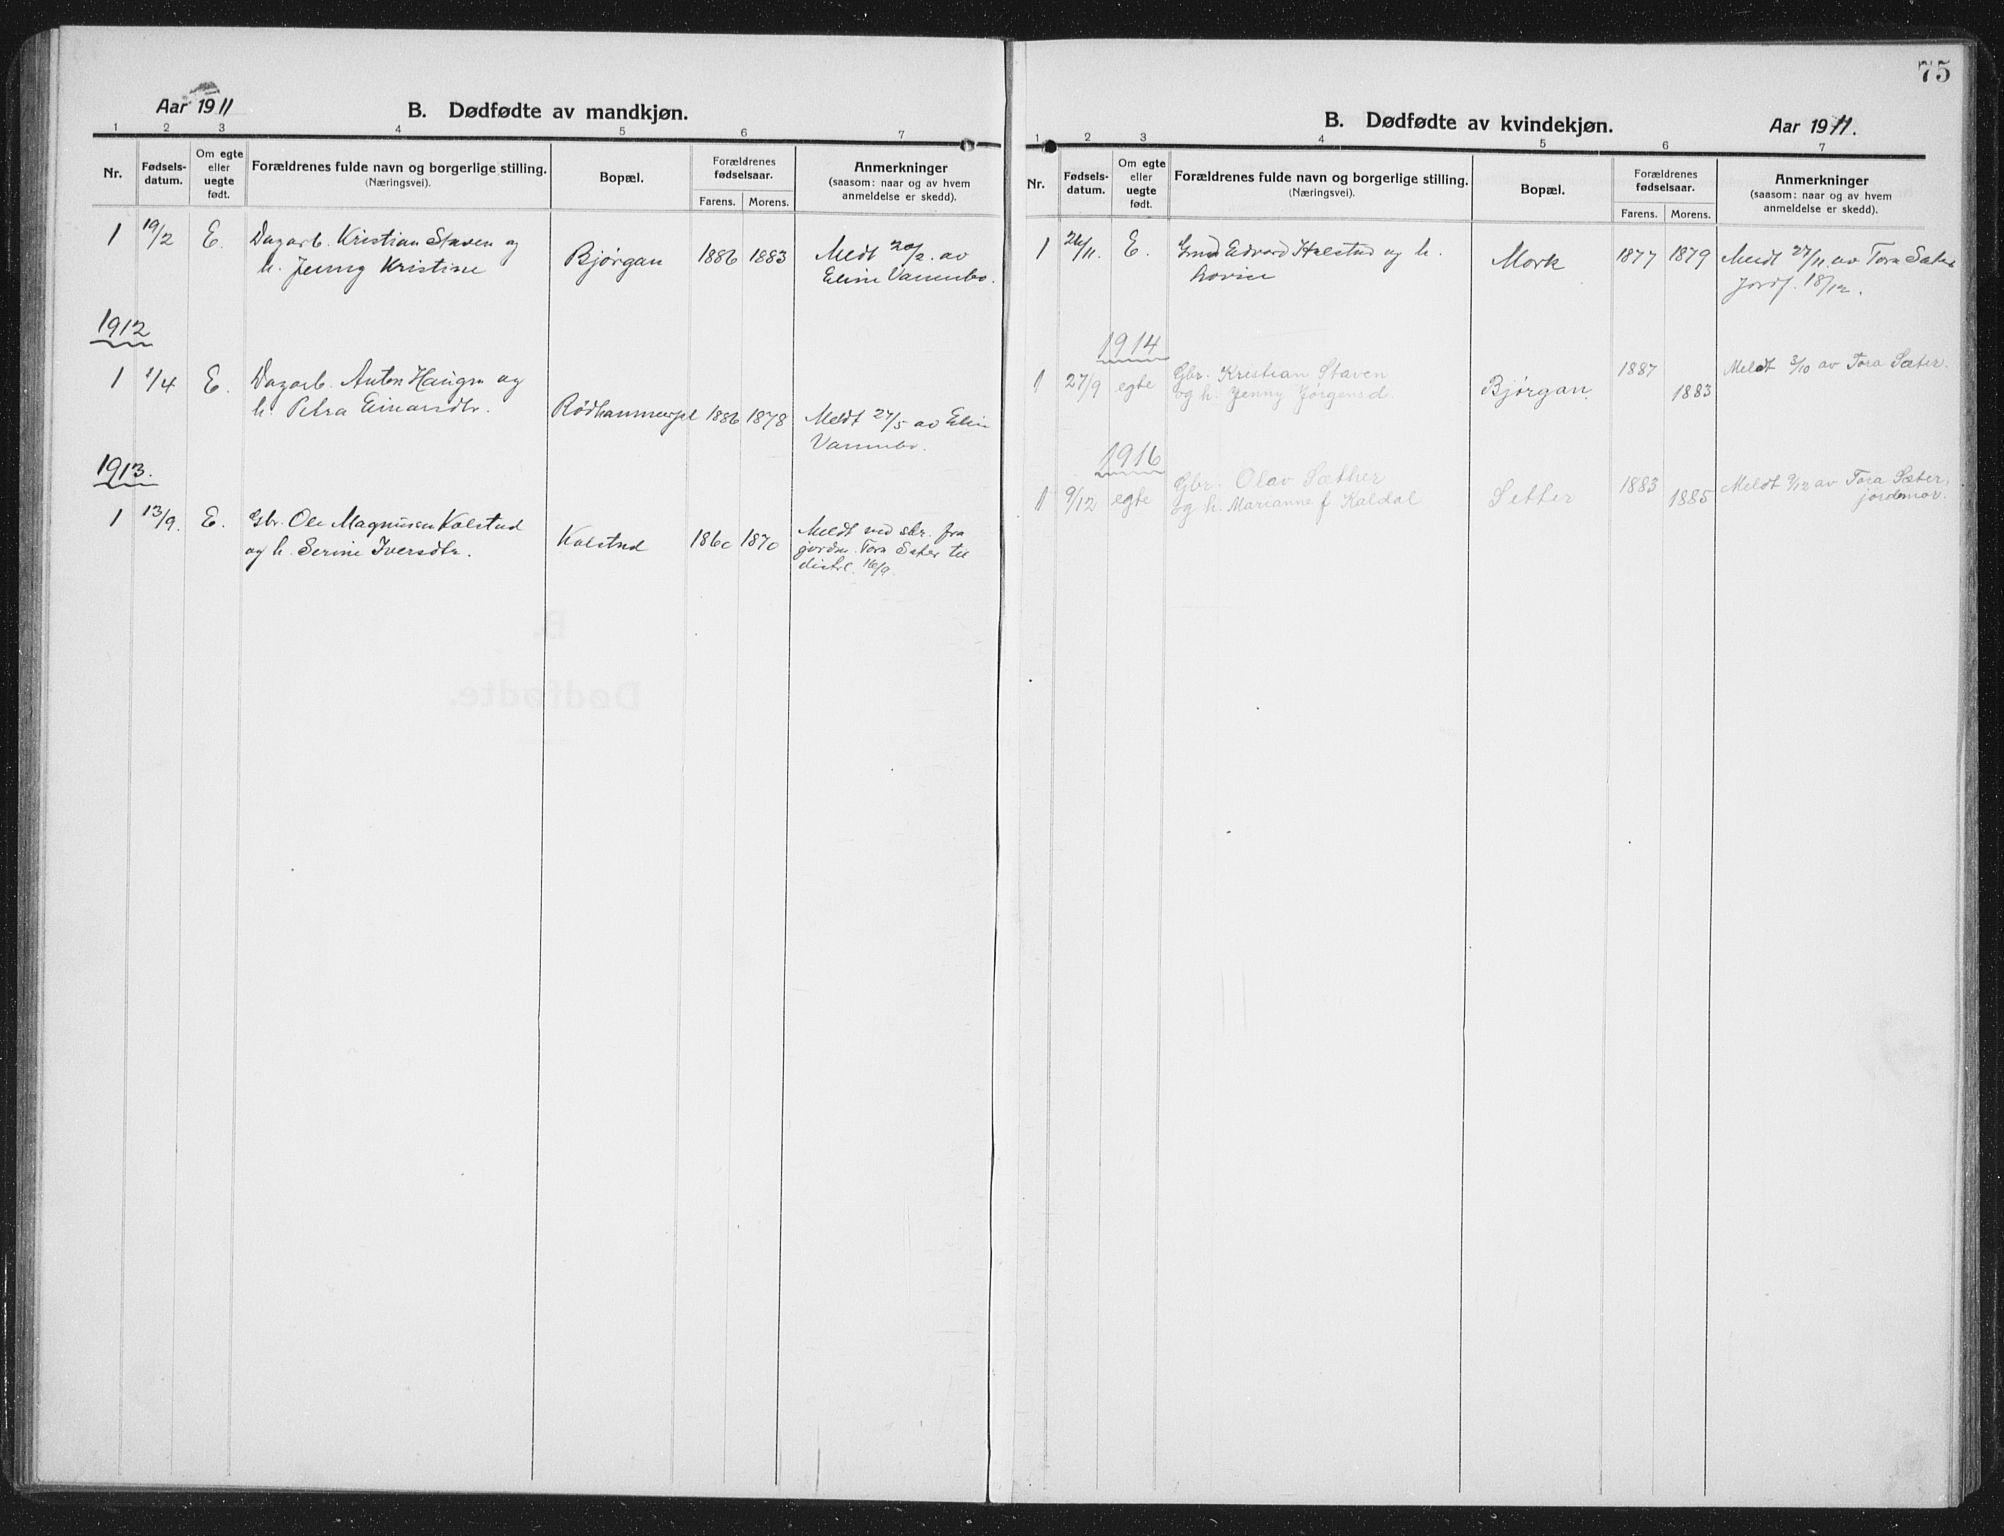 SAT, Ministerialprotokoller, klokkerbøker og fødselsregistre - Nord-Trøndelag, 742/L0413: Klokkerbok nr. 742C04, 1911-1938, s. 75